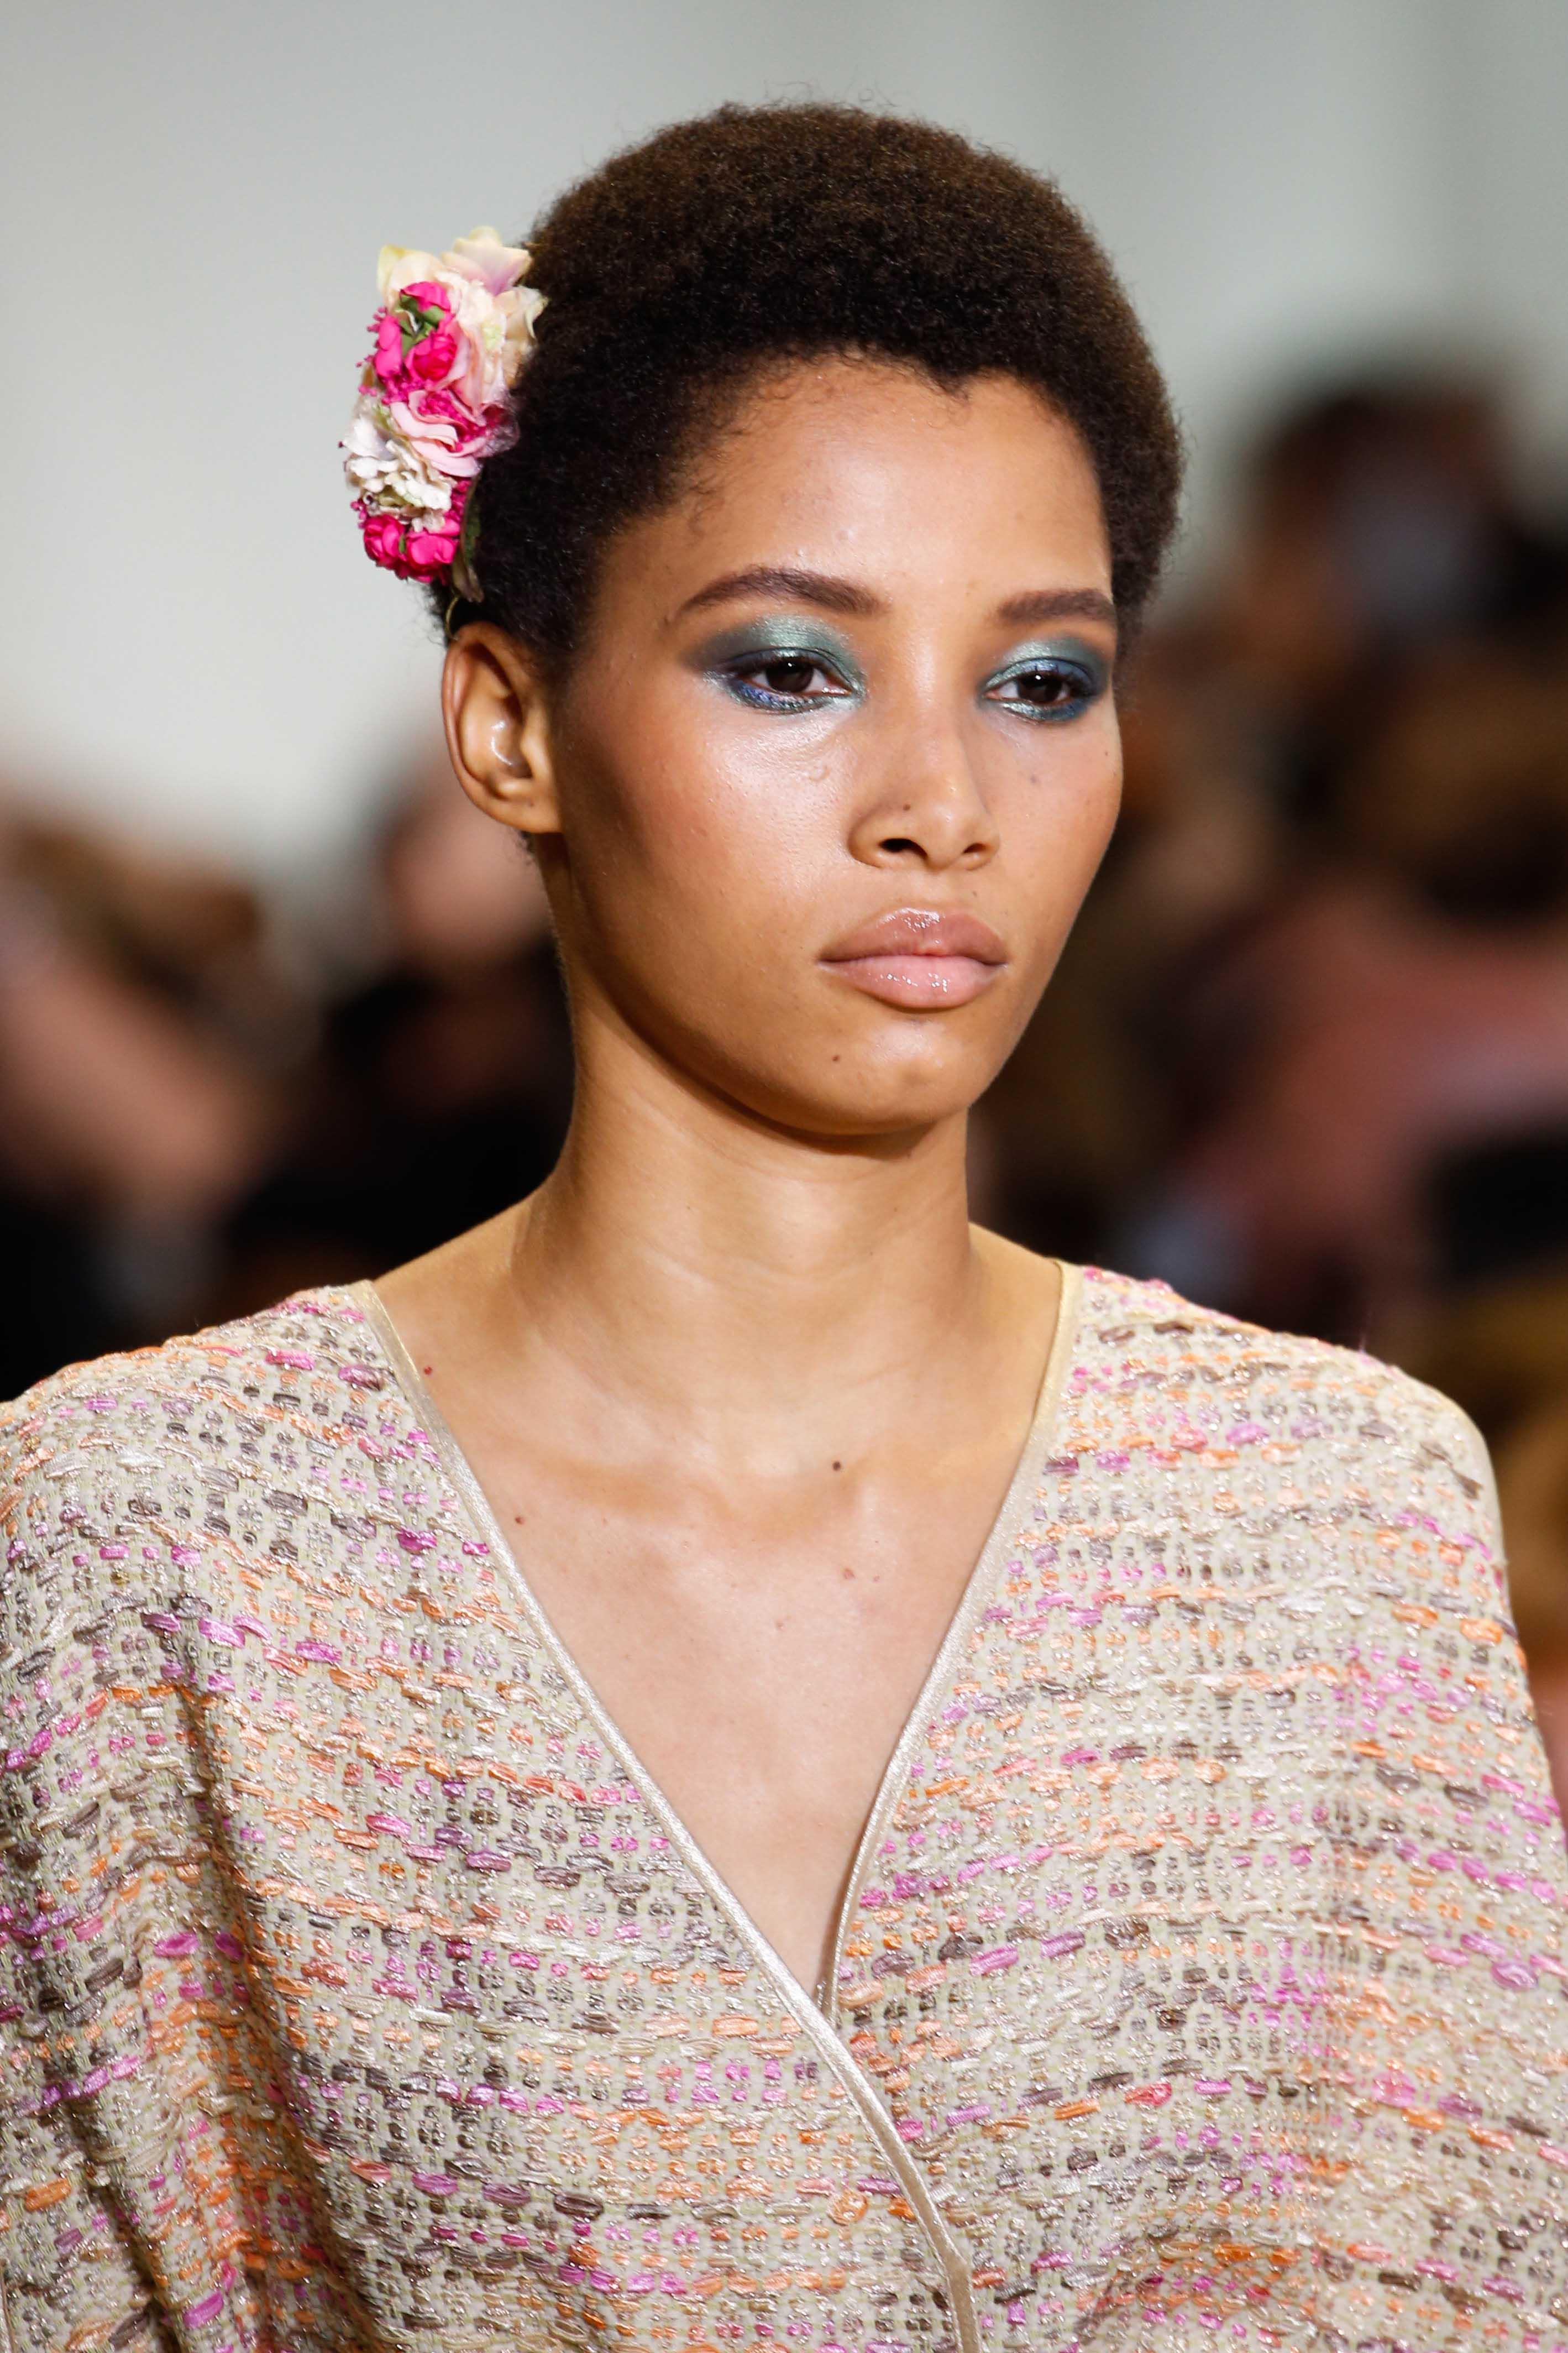 Femme coupée en cheveux : Modèle de défilé avec des cheveux afro bruns courts et un accessoire de fleur rose